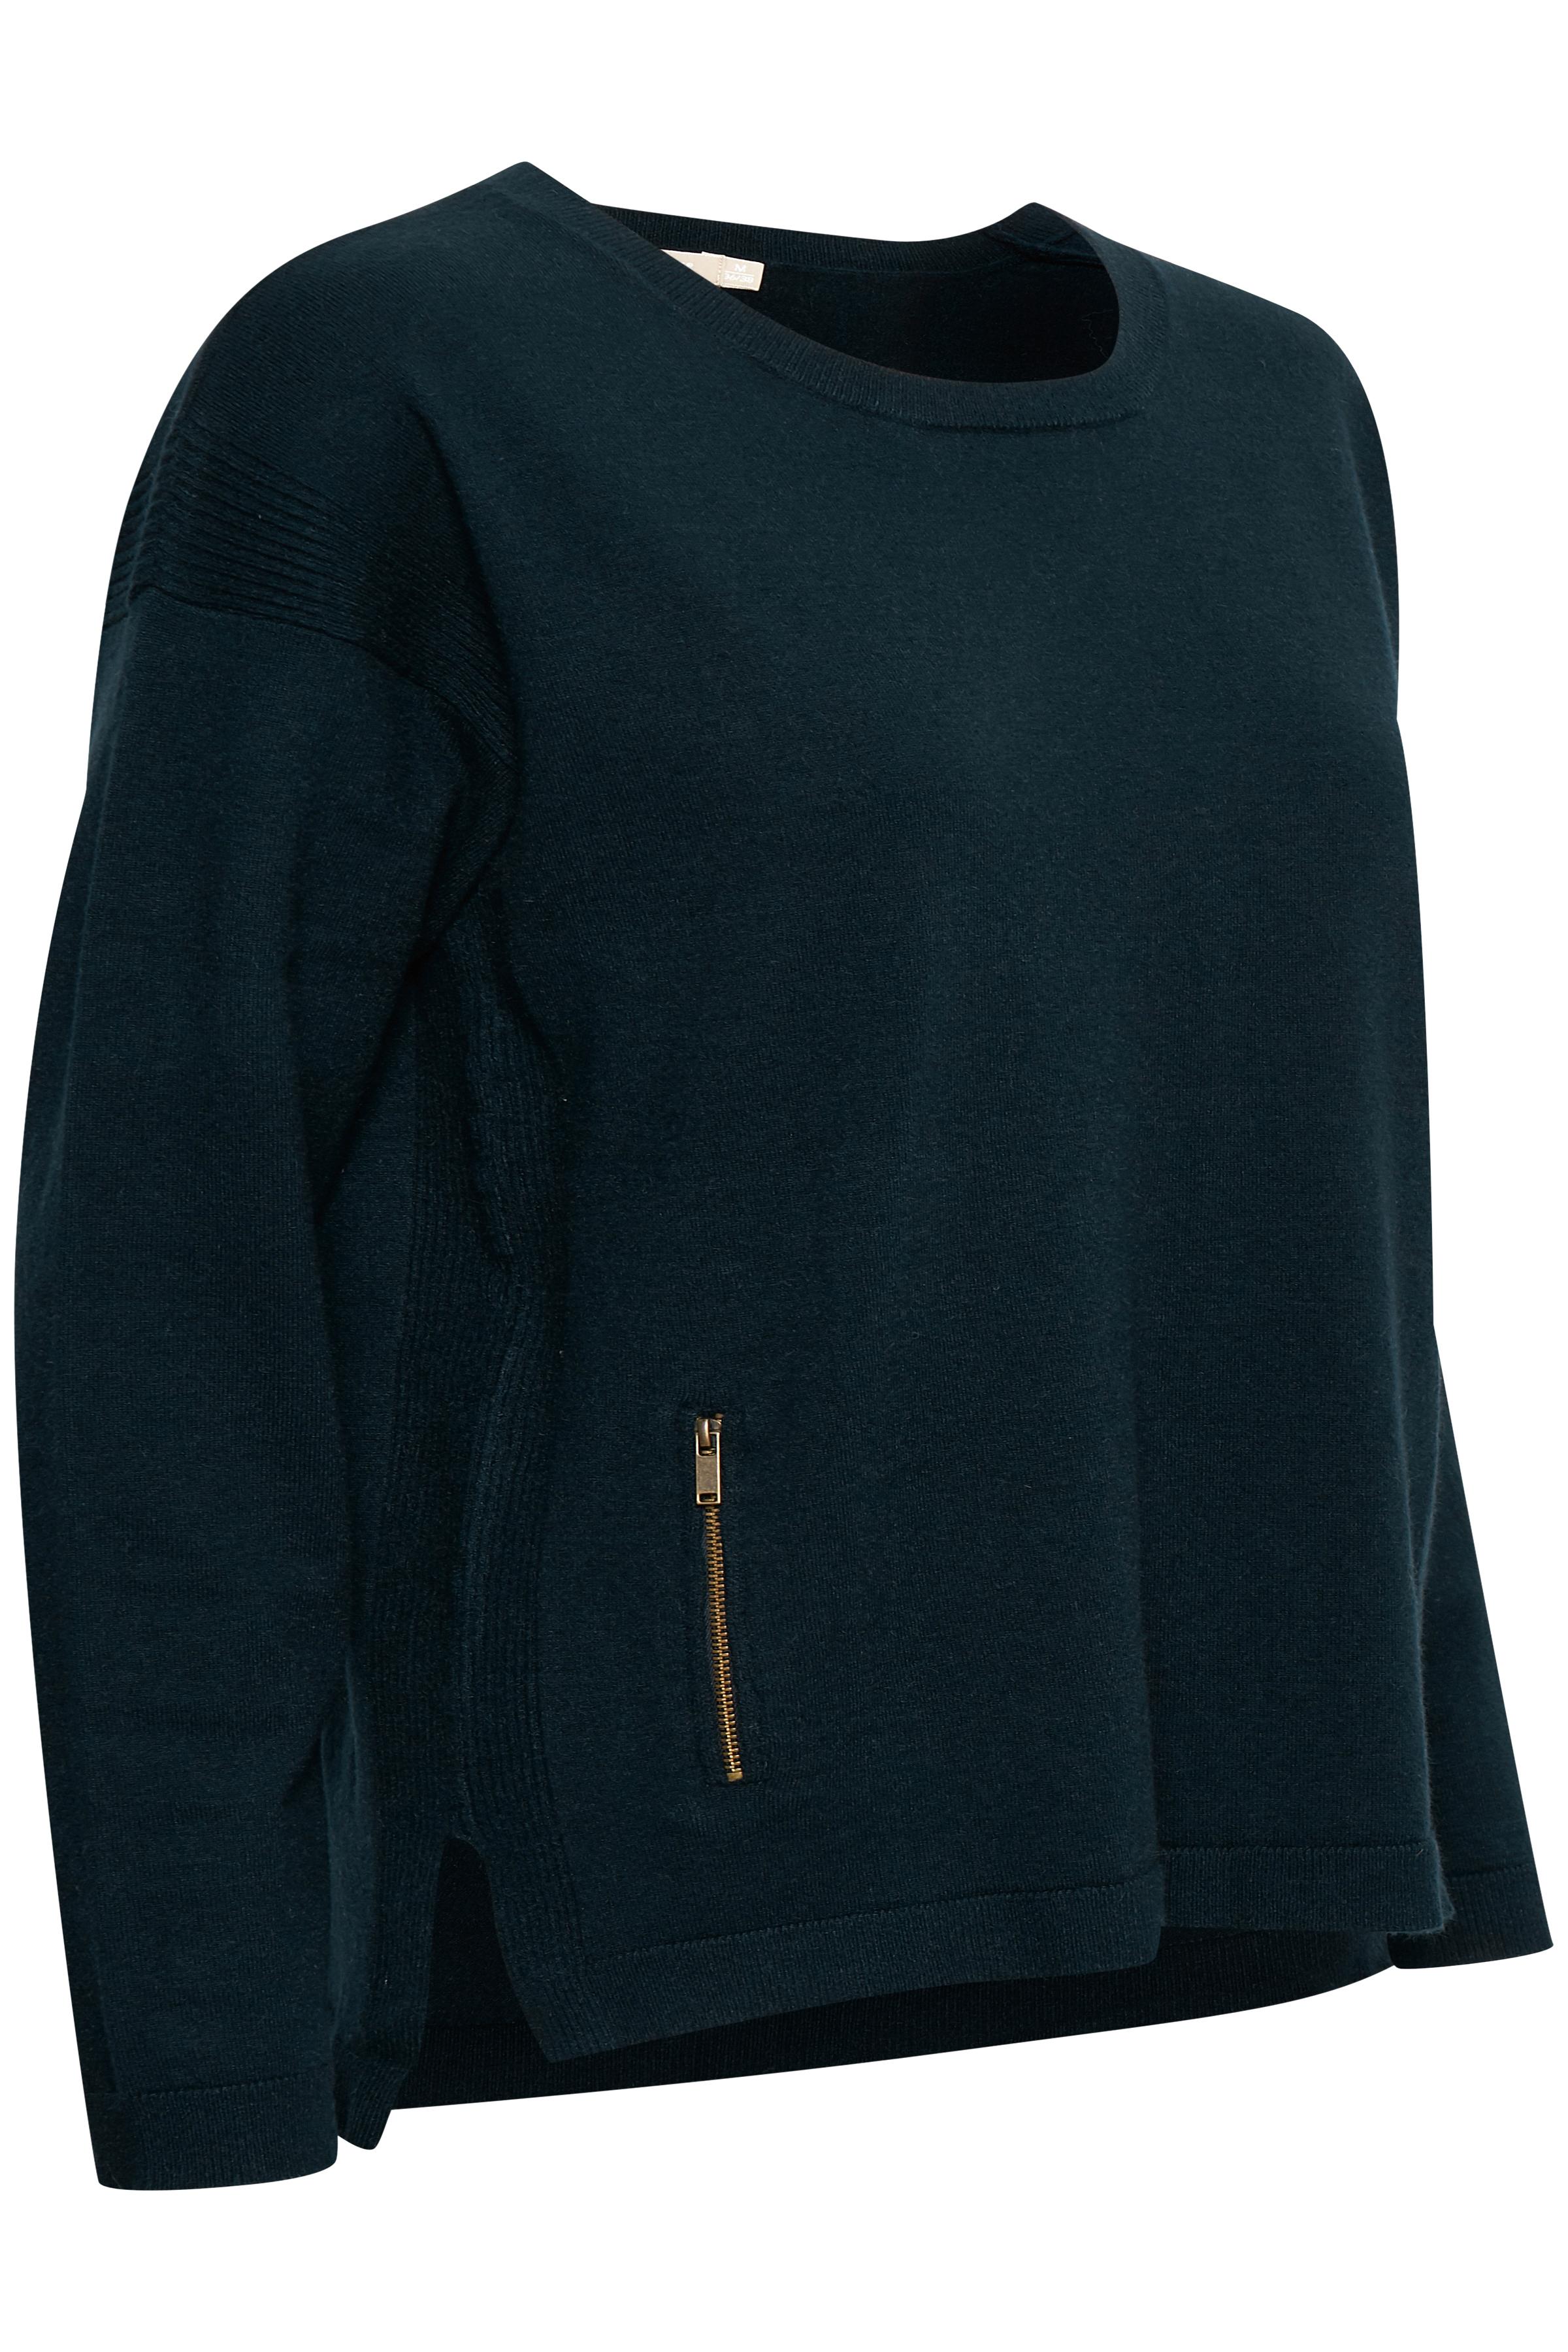 Marinblå Stickad pullover från Bon'A Parte – Köp Marinblå Stickad pullover från stl. S-2XL här